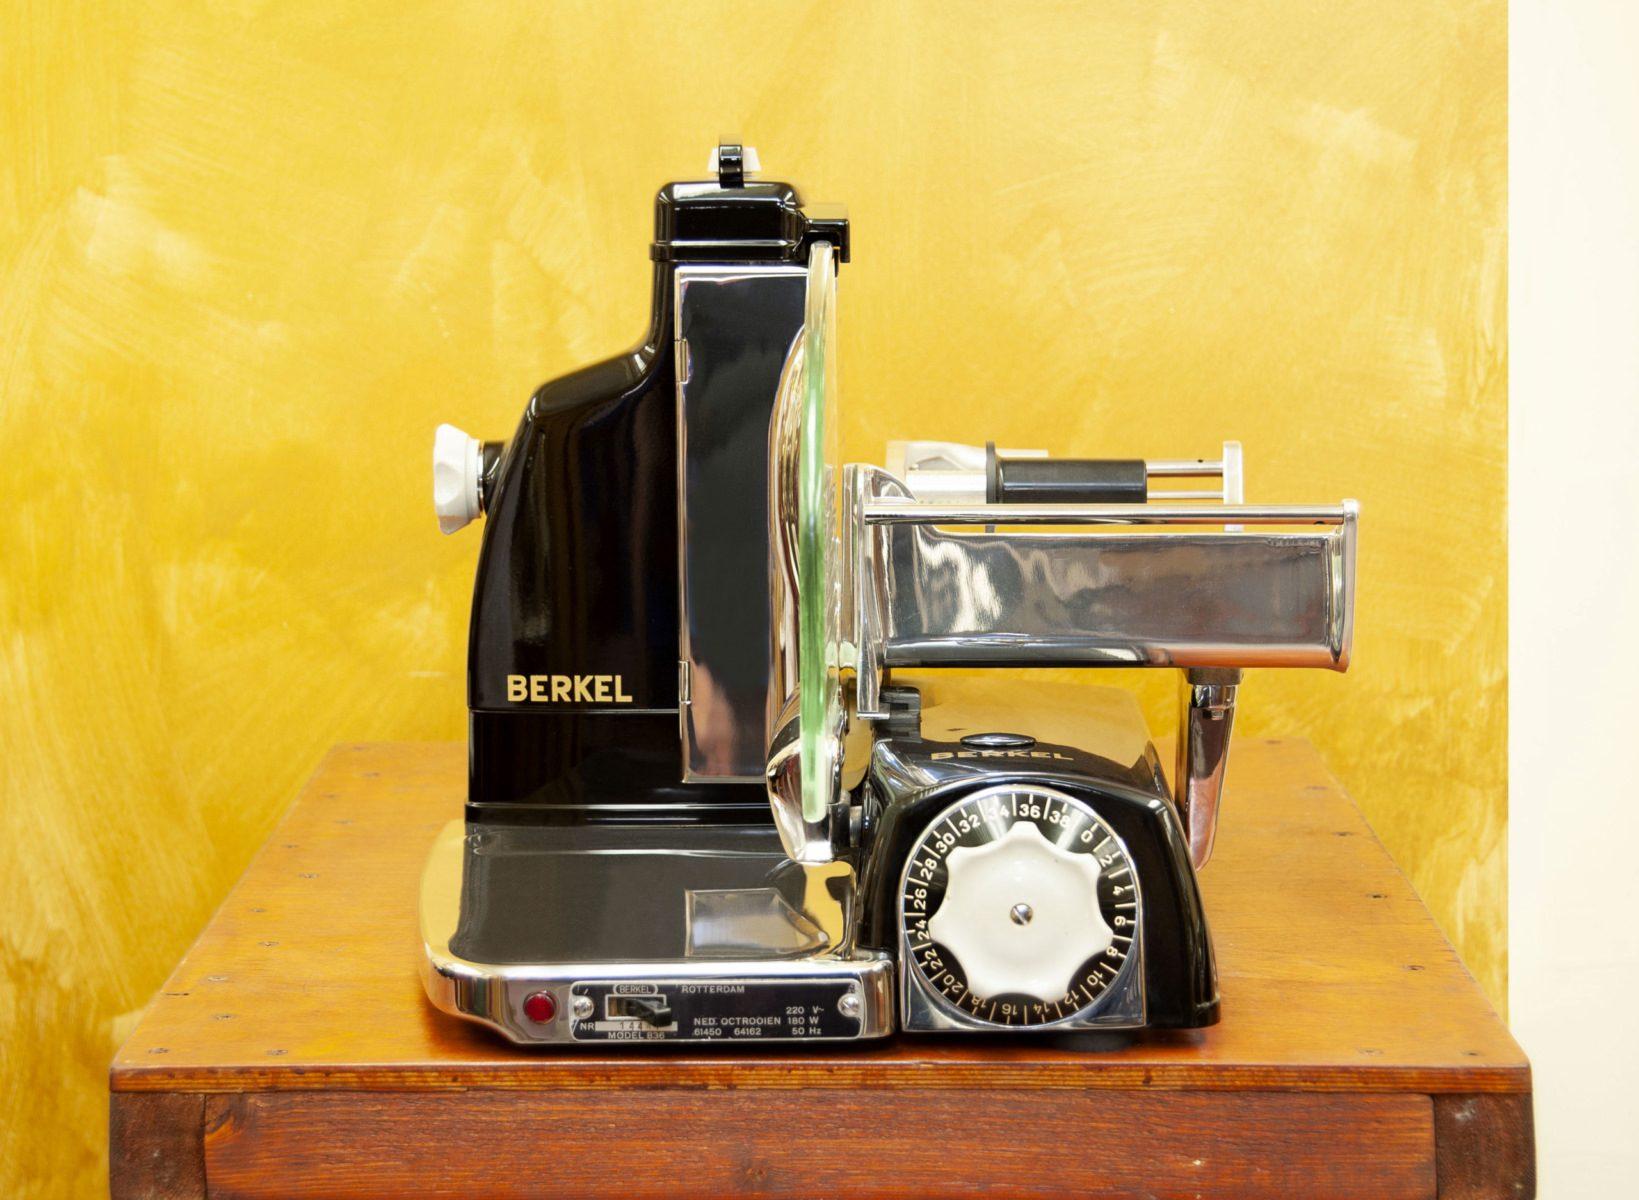 Berkel eletric slicer model 836 black